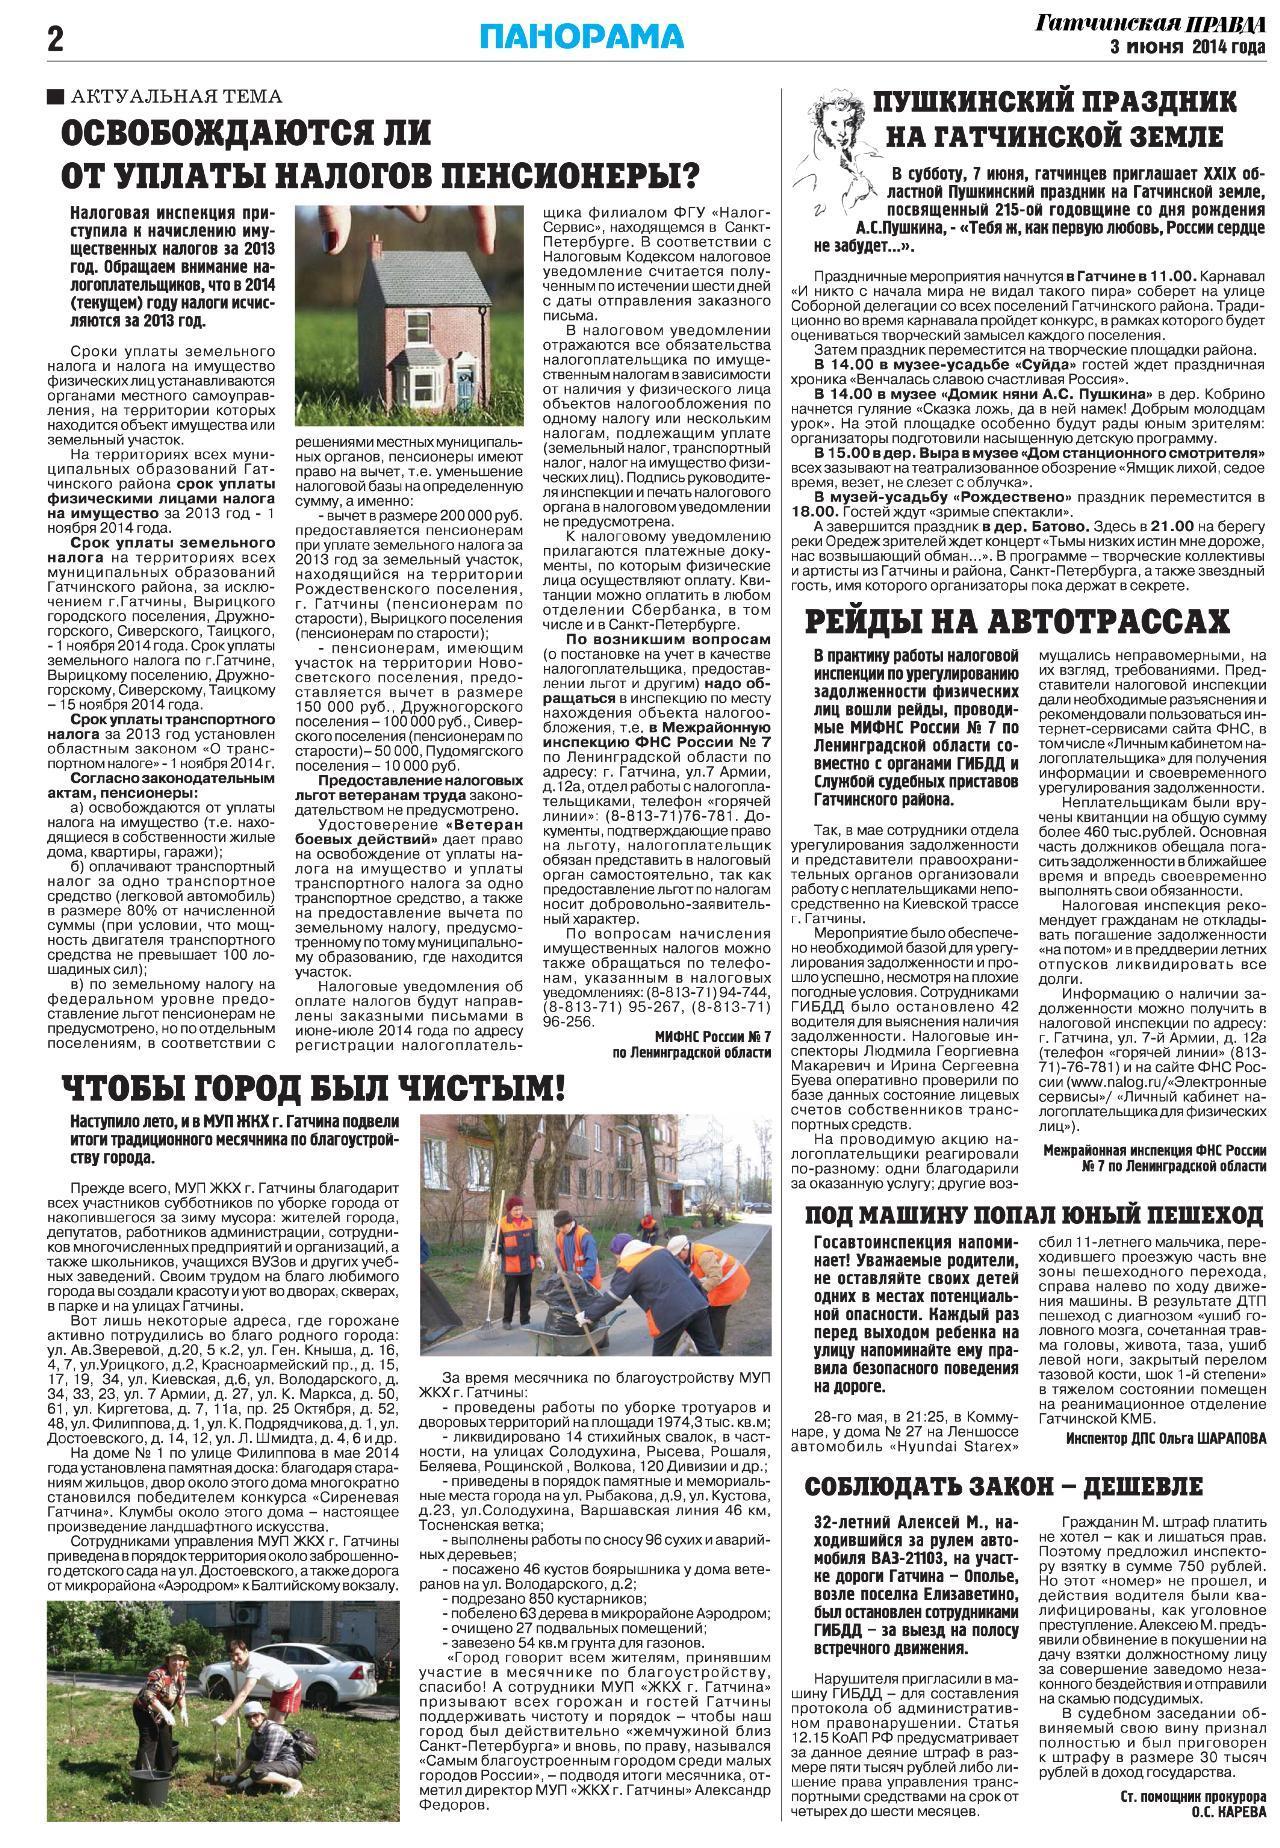 Гатчинская правда №60 от 03 июня 2014 года